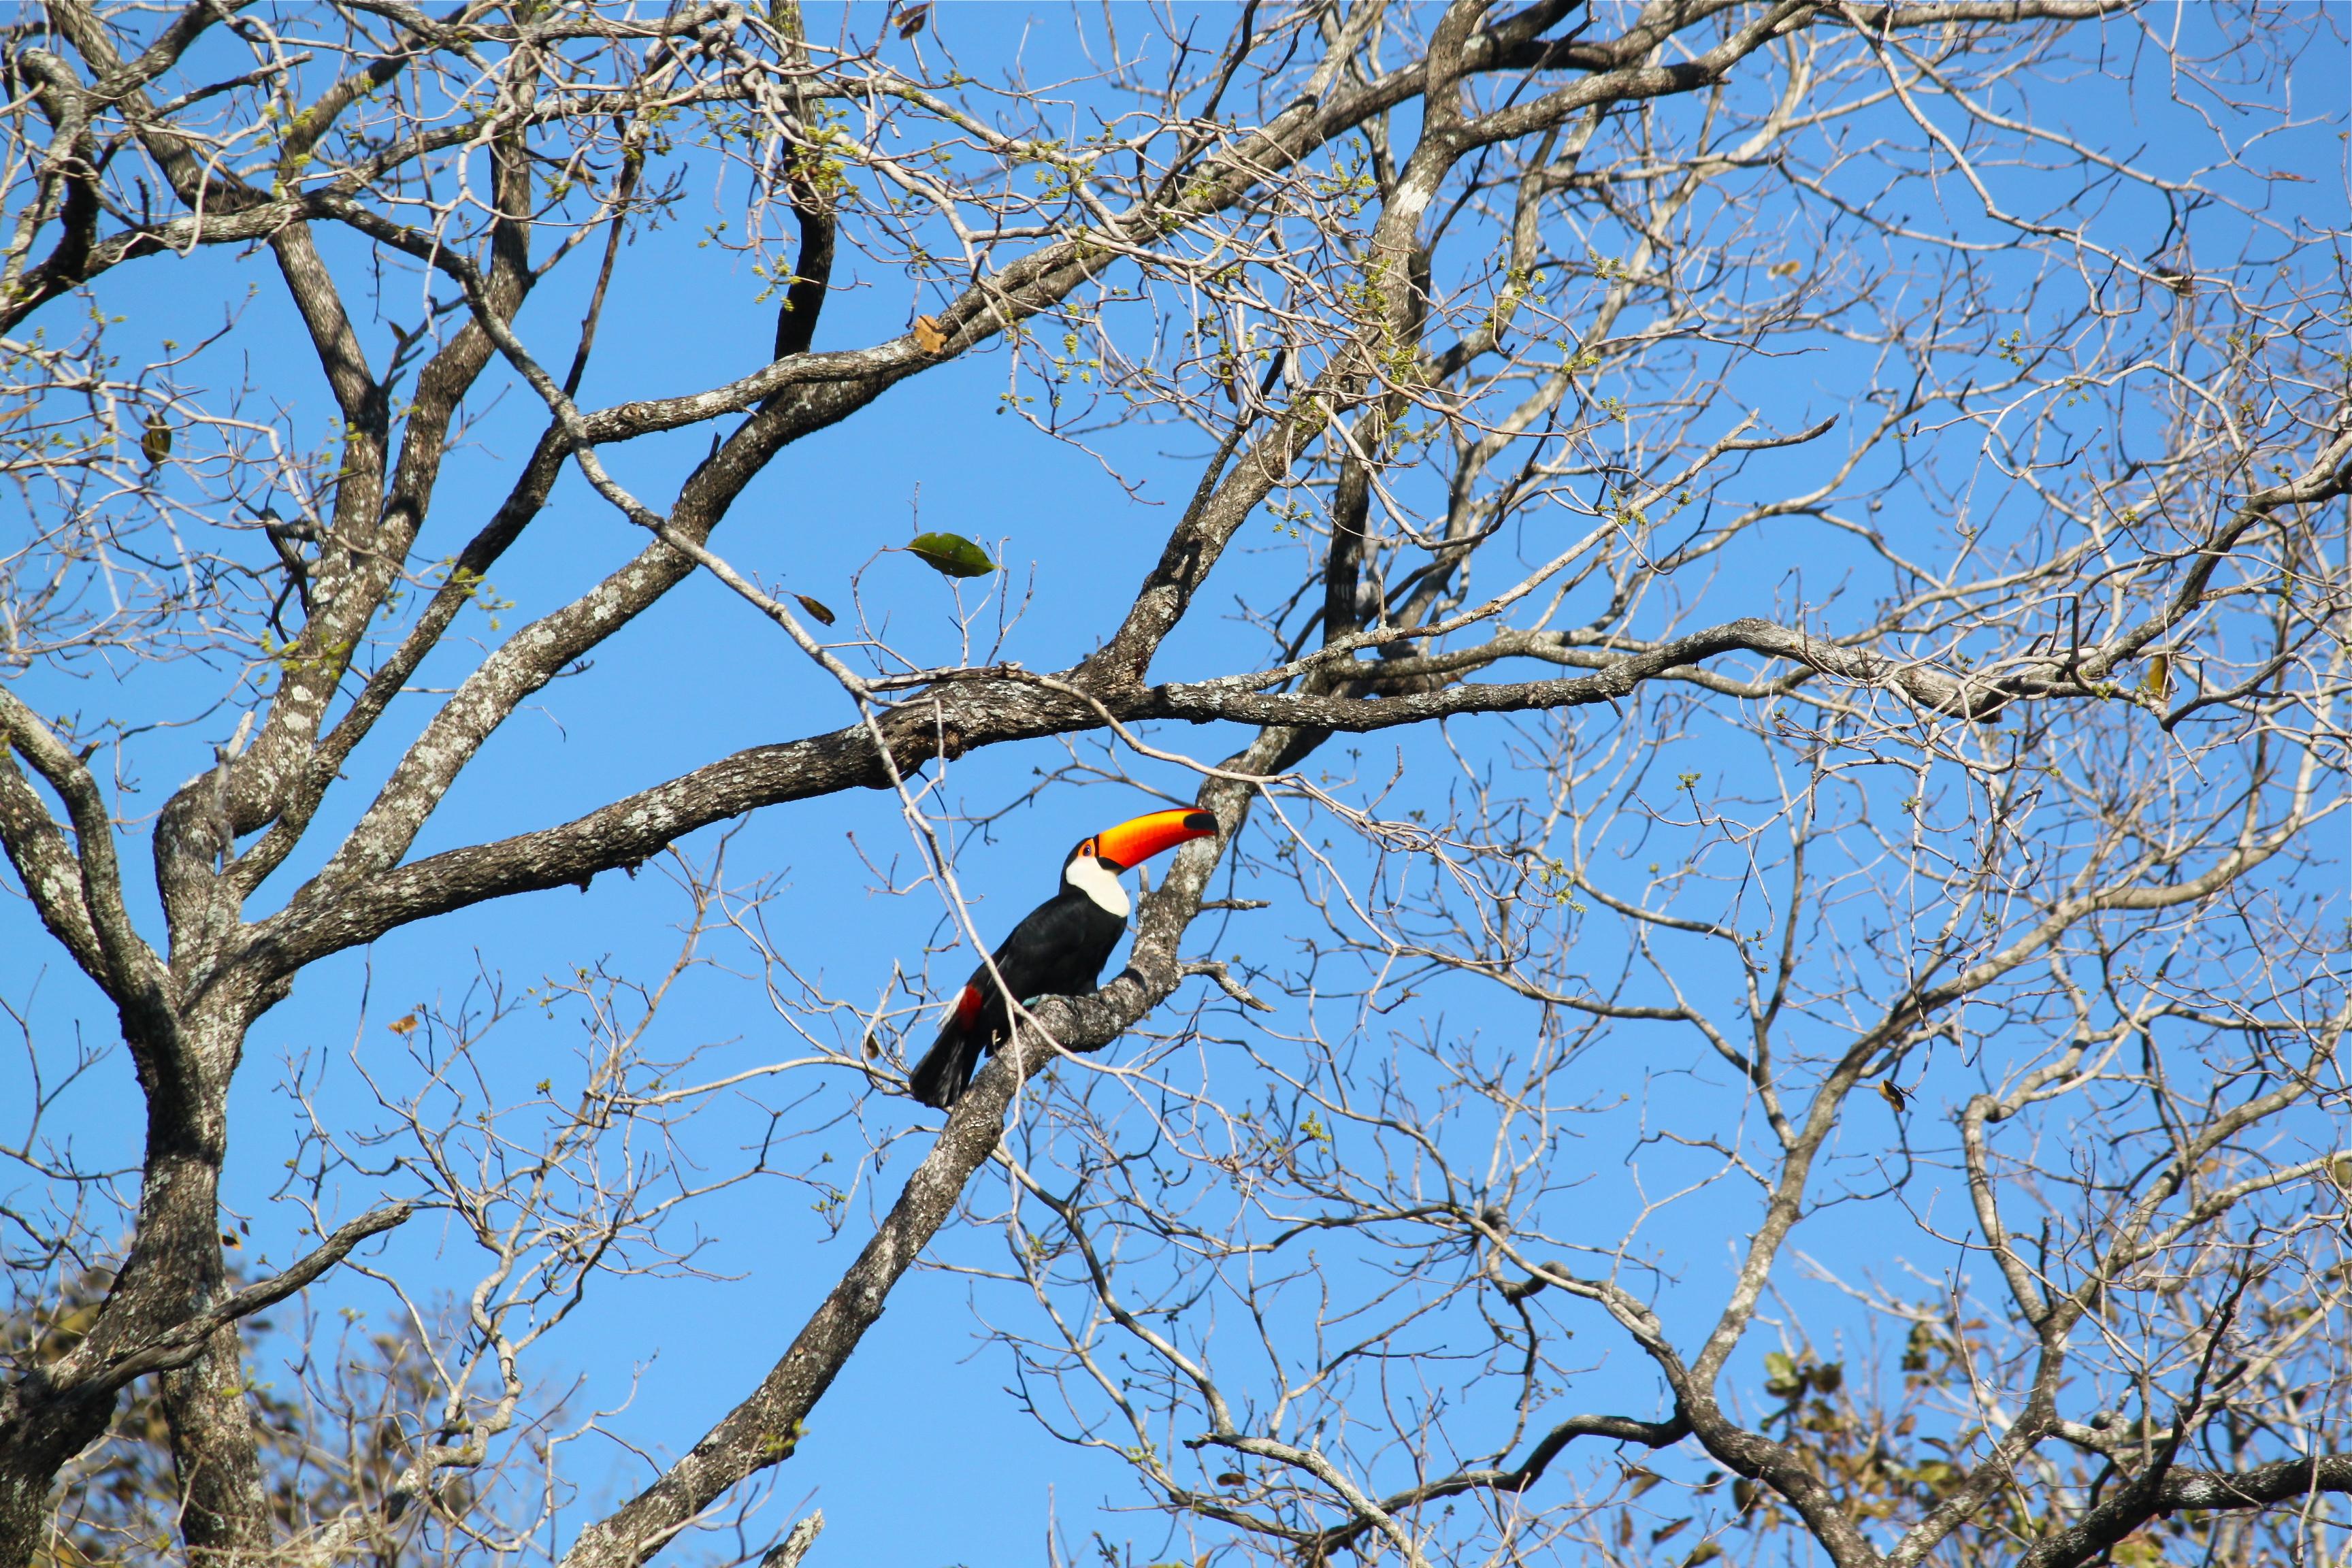 toucan pantanal brazil